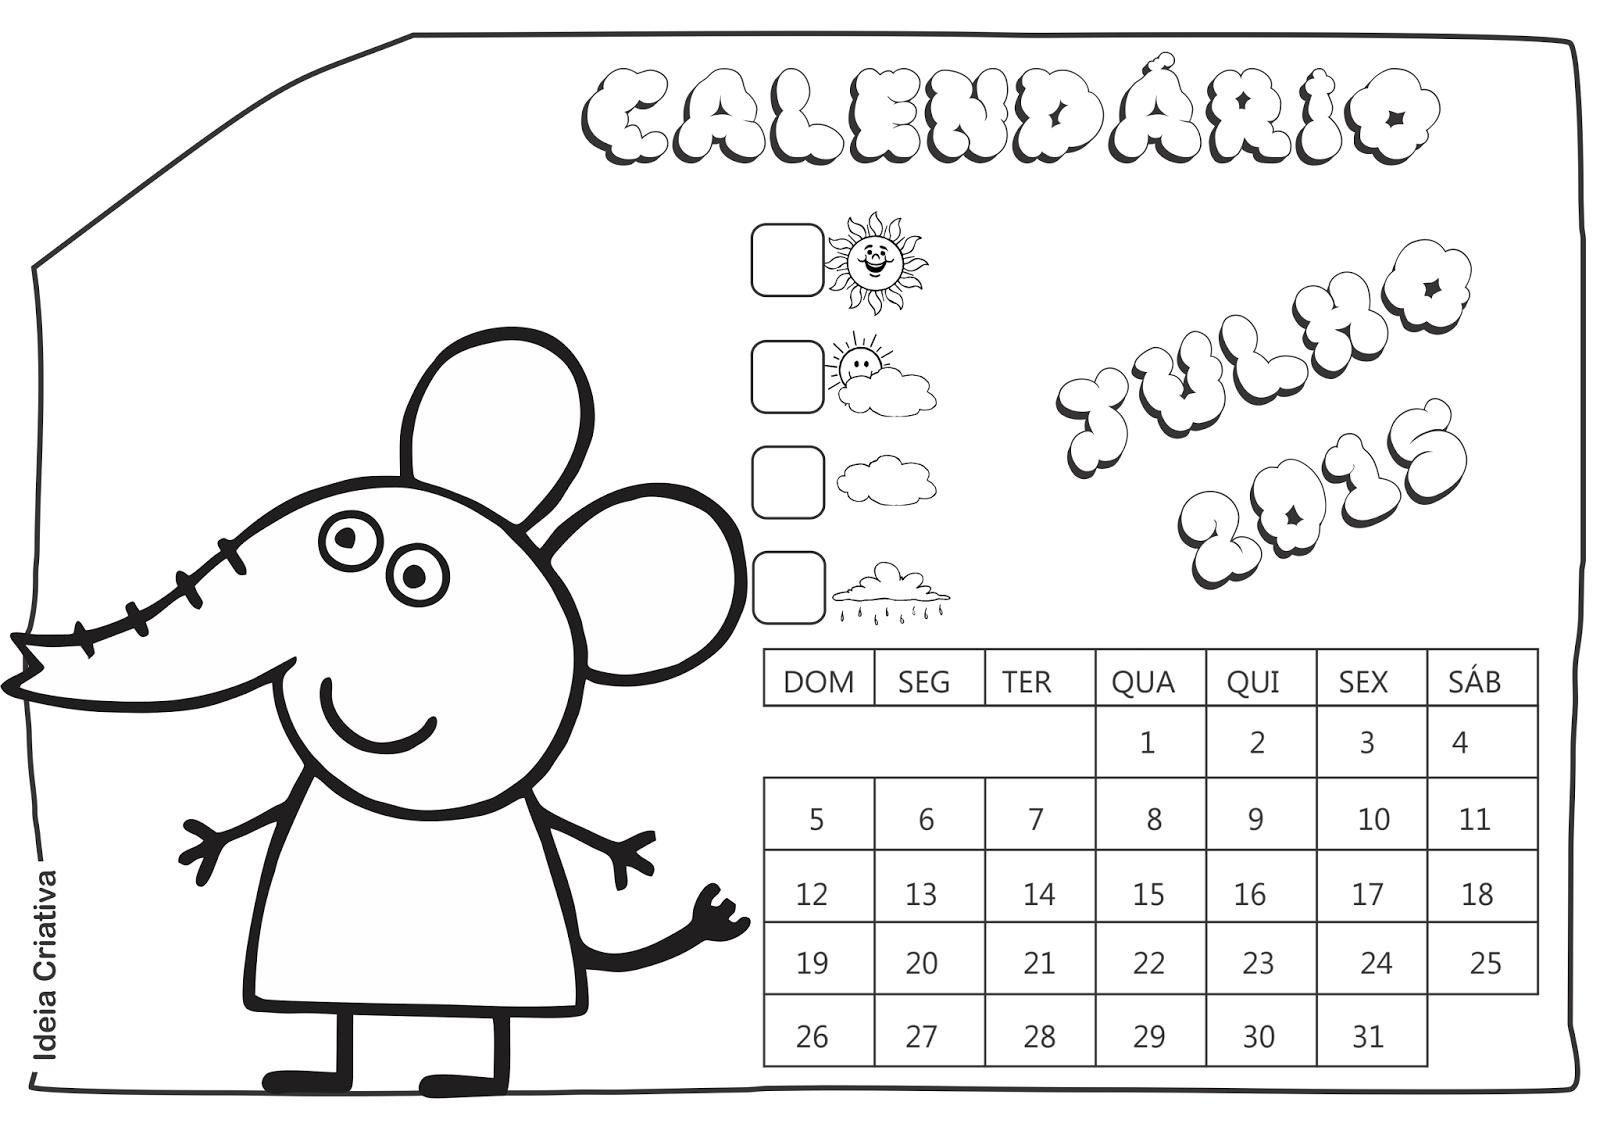 Calendário Julho 2015 Peppa Pig e Seus Amigos para Imprimir Grátis